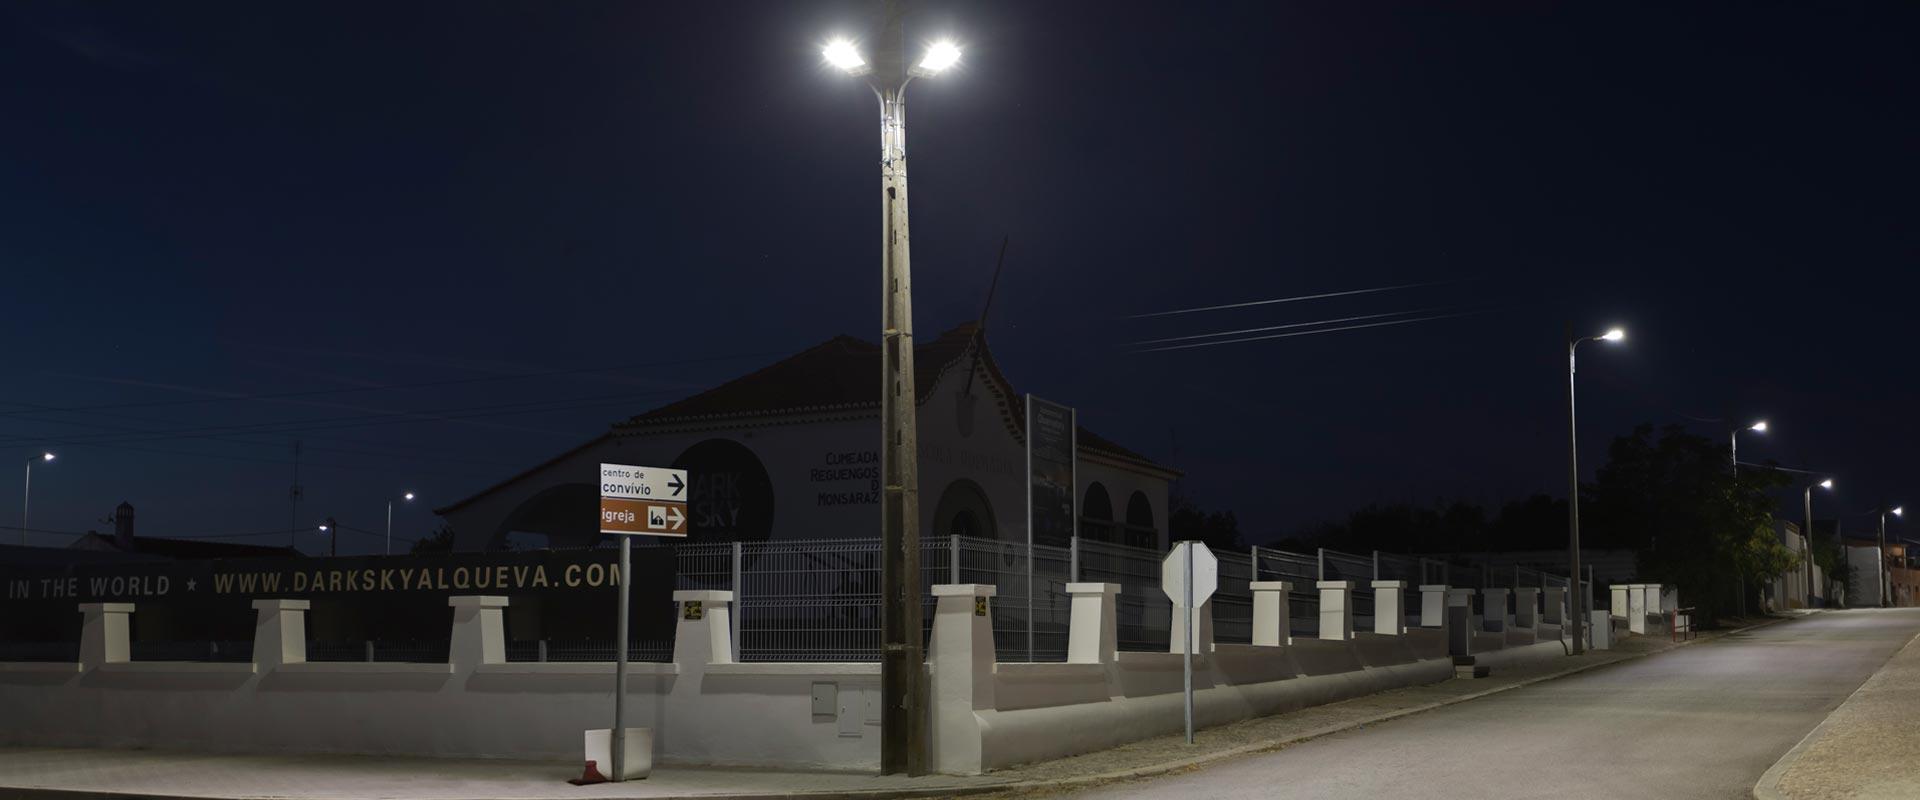 Iluminação Pública LED - Dark Sky, Alqueva